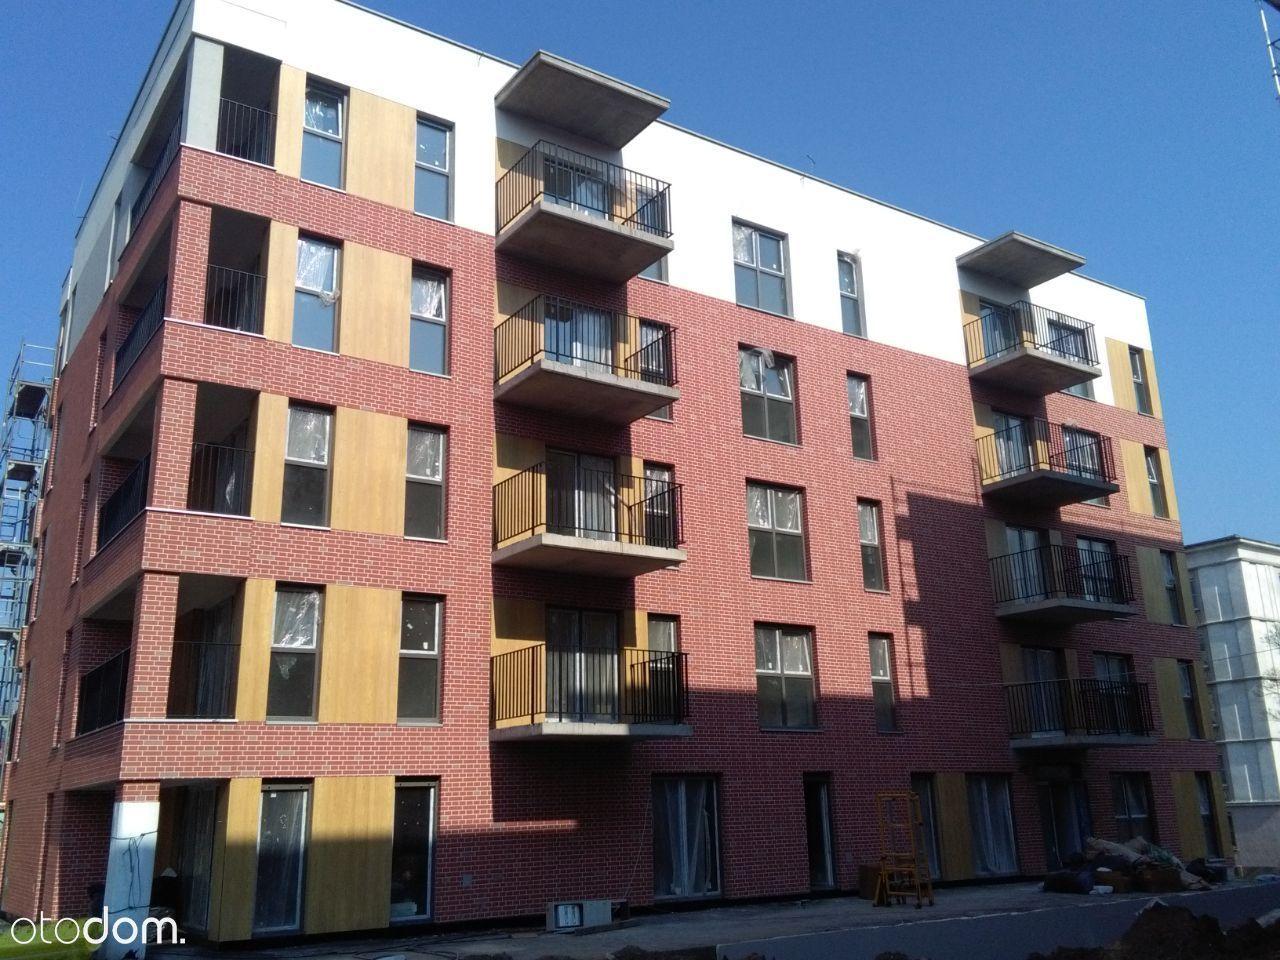 Nowe mieszkanie 3 pokoje 62,37m2, bez pośredników!